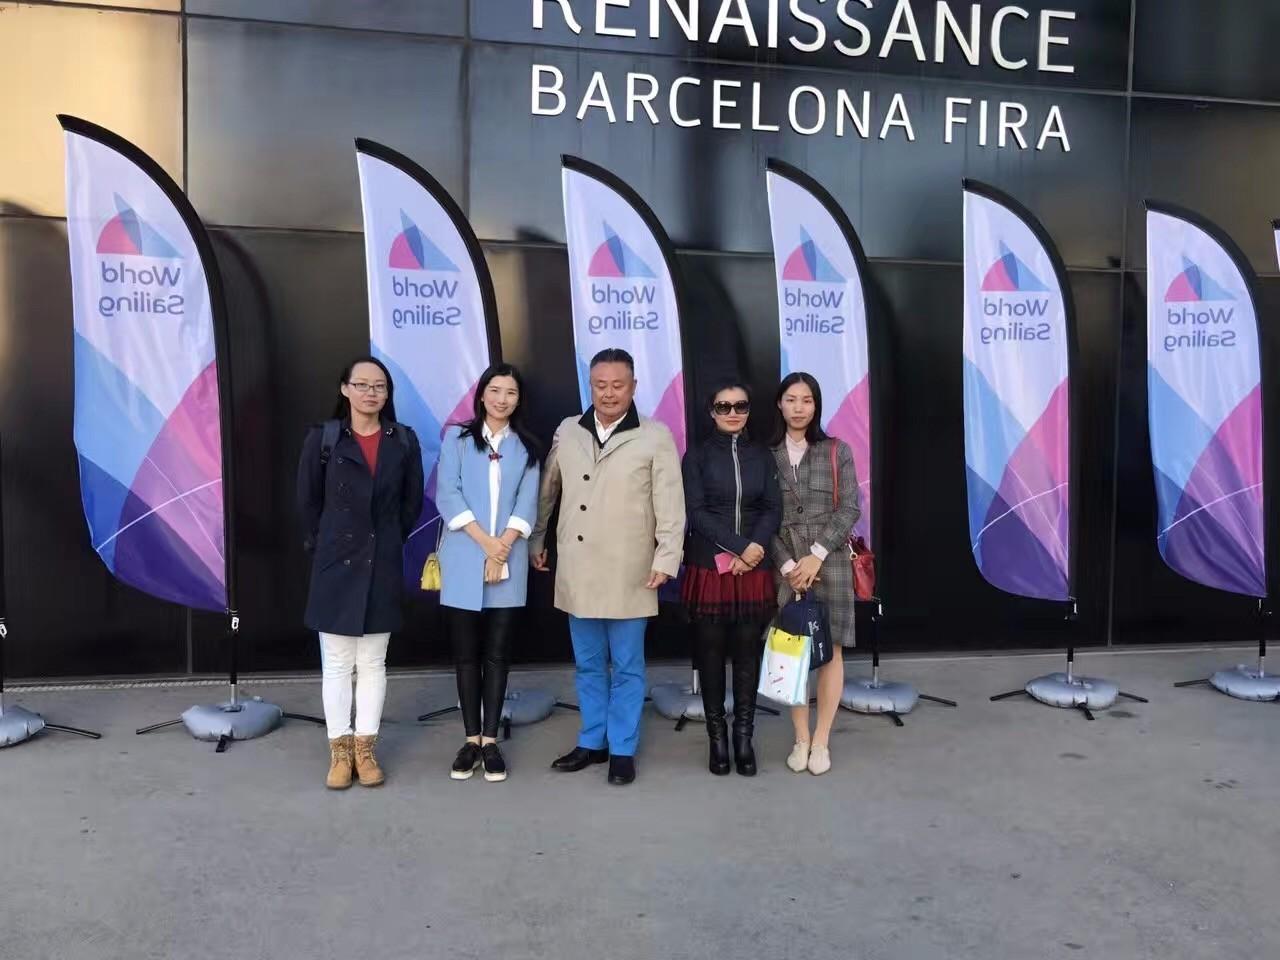 西班牙,巴塞罗那,国际帆联,帆船运动,安哥拉 世界帆船联合年会在西班牙举行,中国杯代表出席年度盛会 925e526624c613b51f311f6c3e178238.jpg